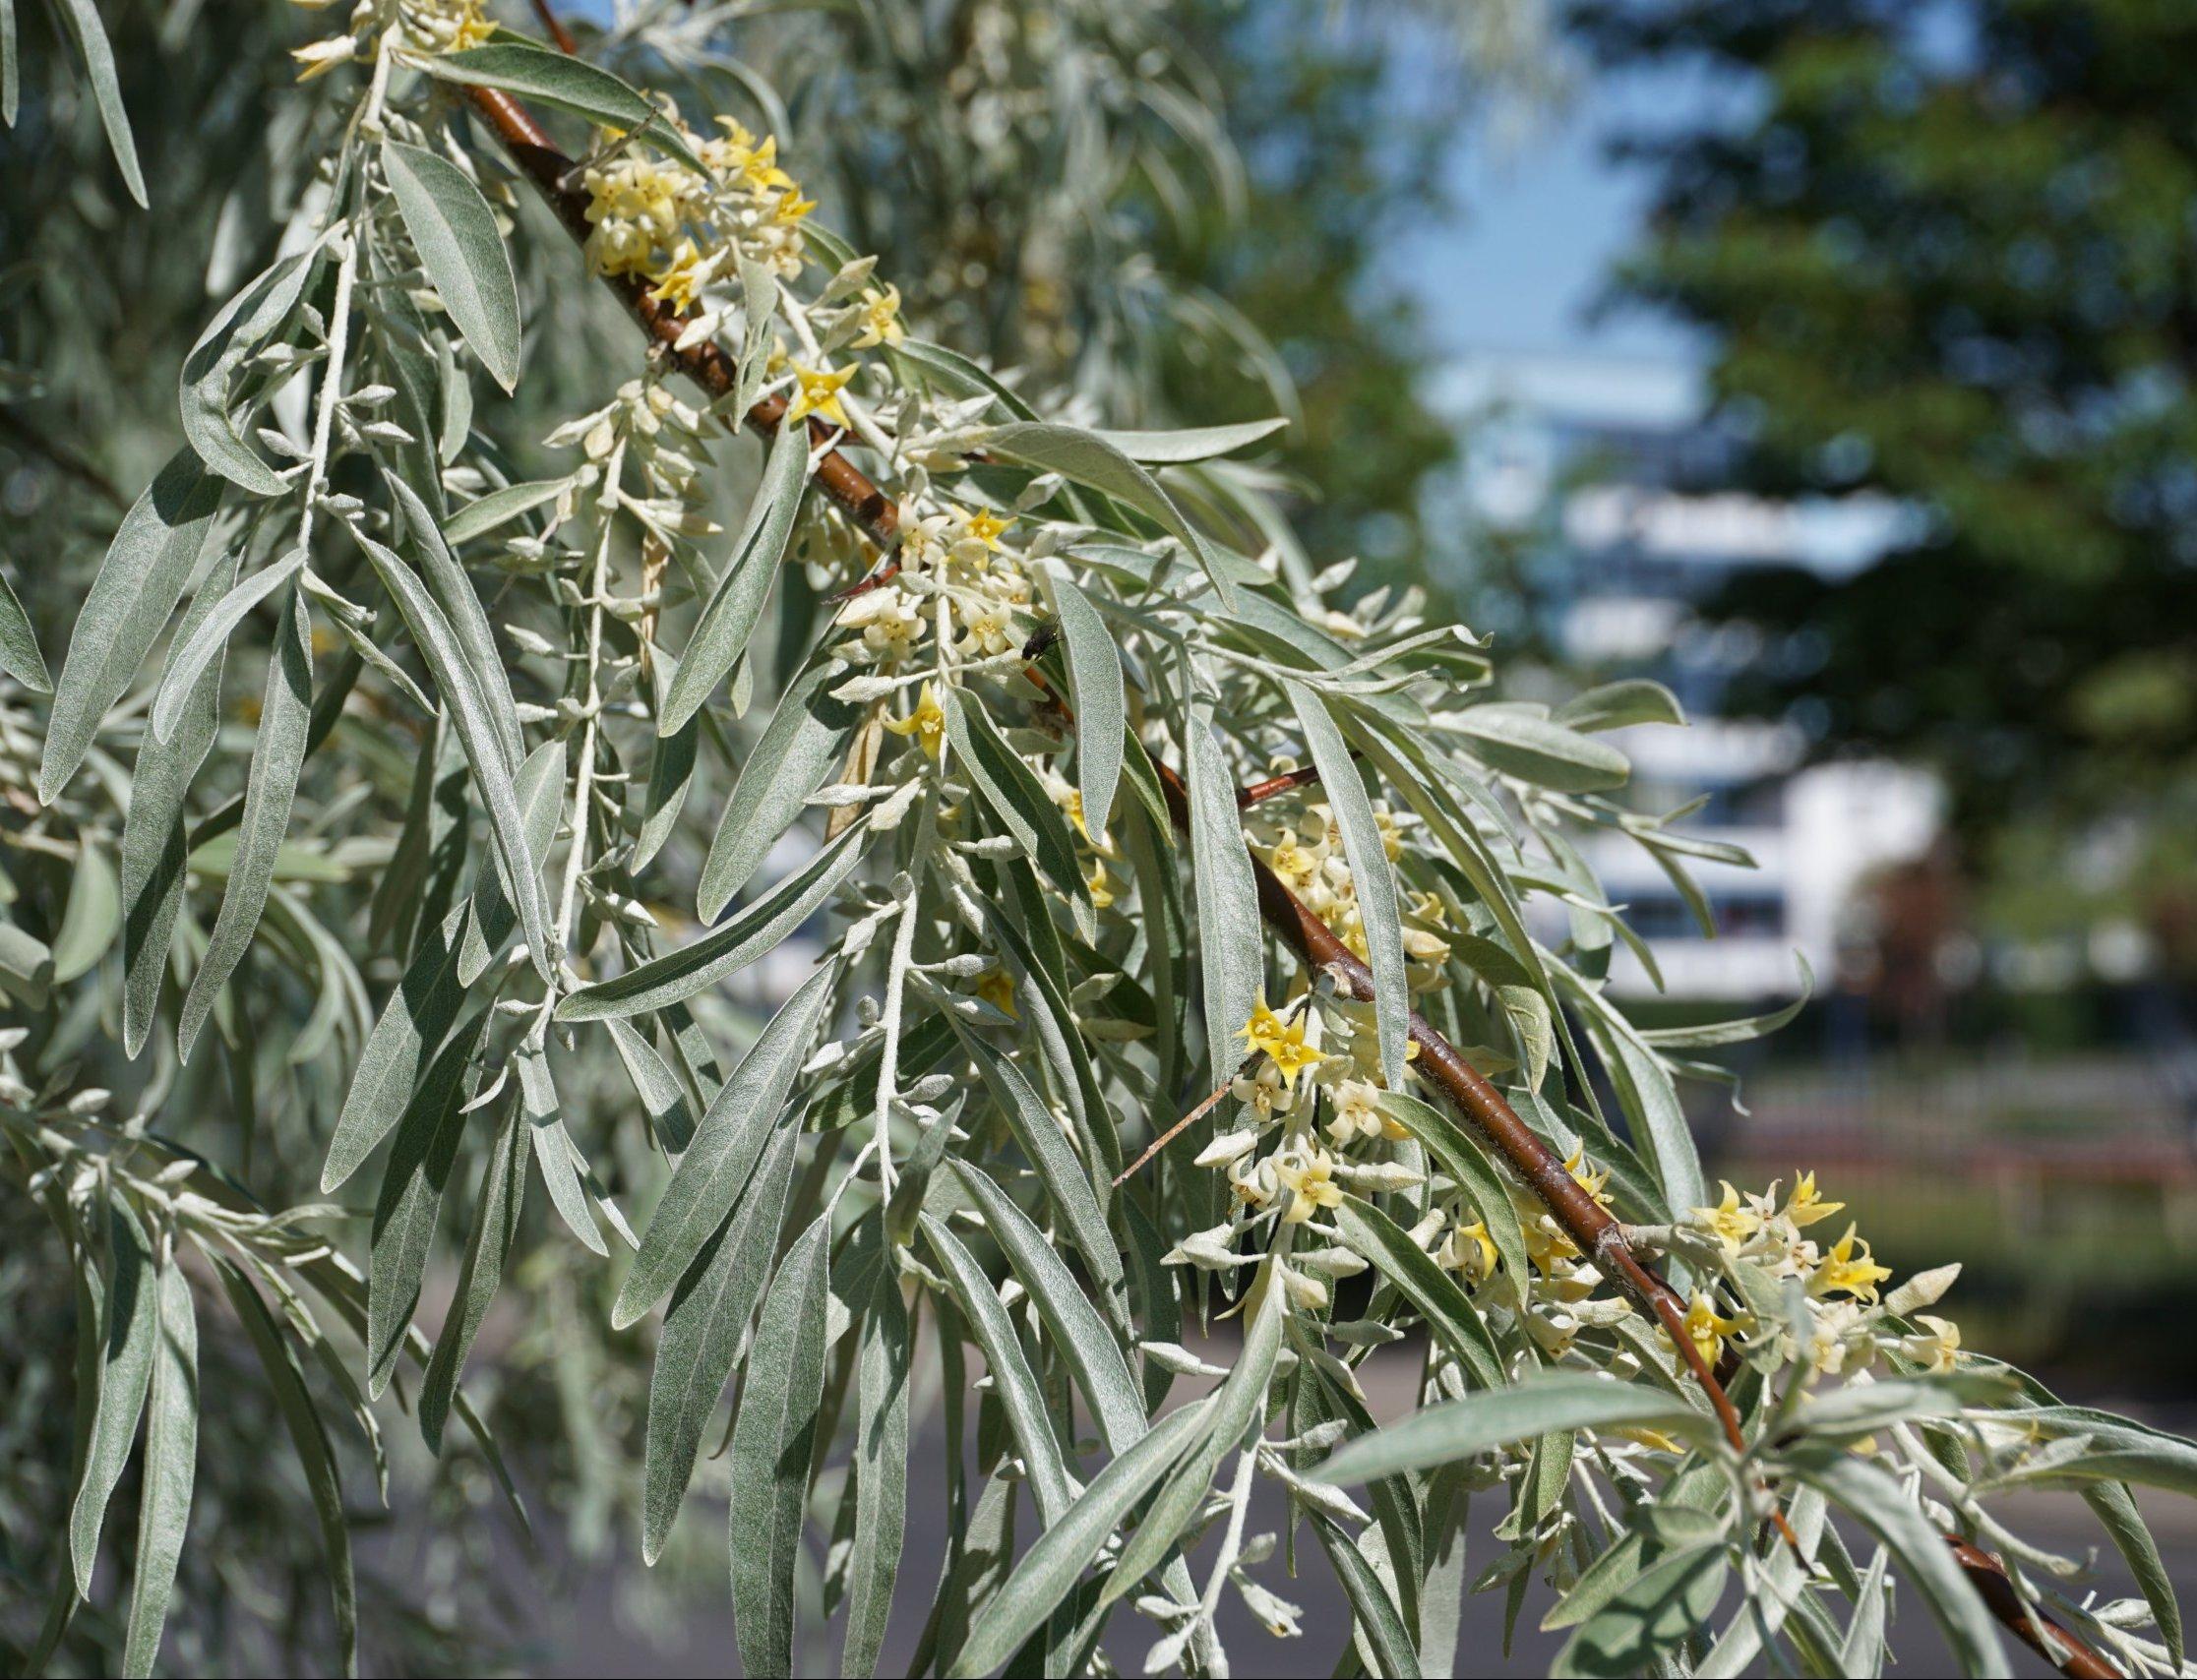 Das Bild zeigt die Zweige mit den silbrig behaarten Blättern einer Schmalblättrigen Ölweide an der Venusstraße im Kosmosviertel.